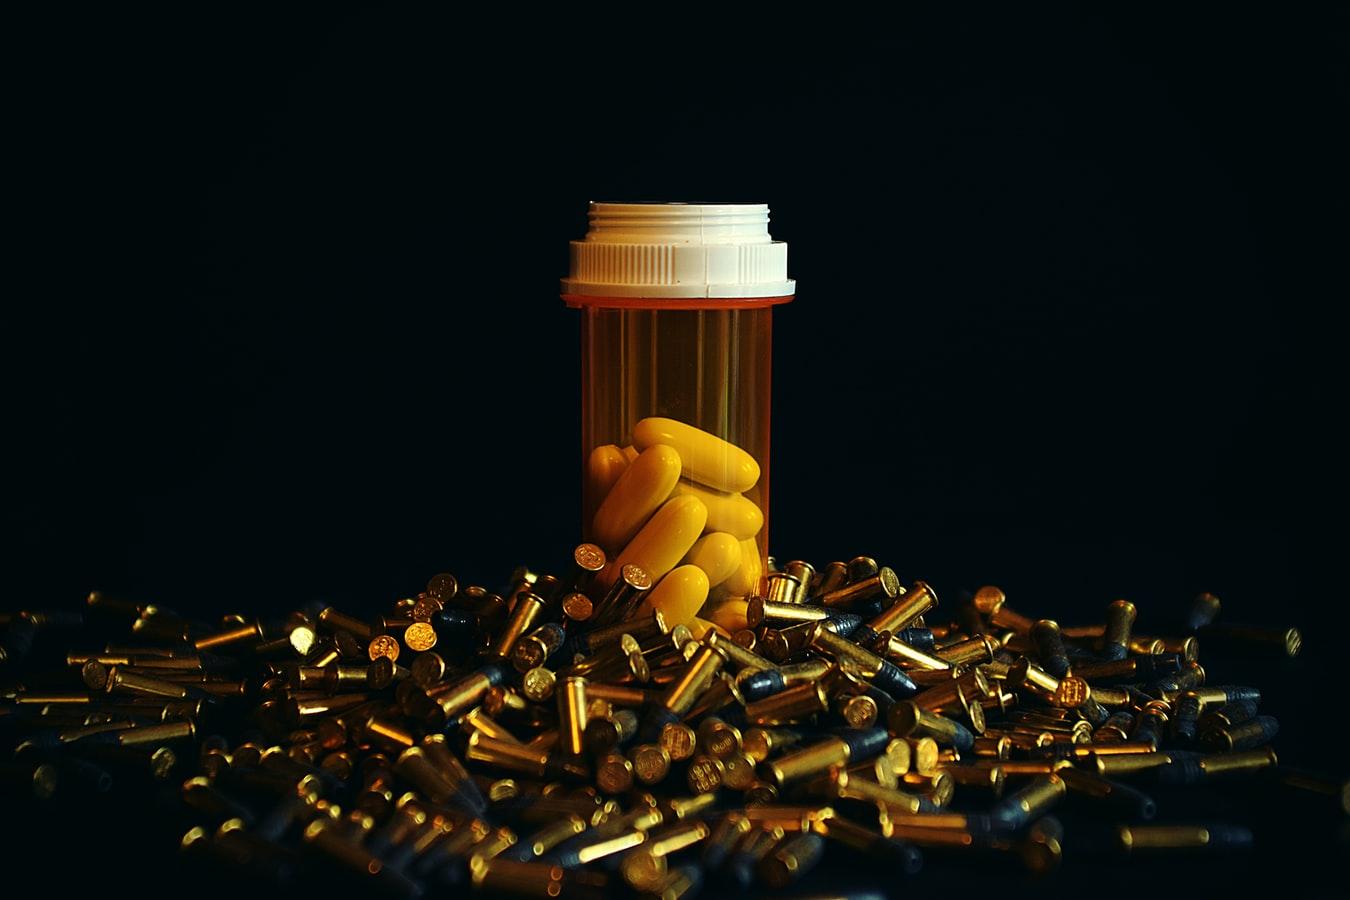 El comercio ilícito de medicamentos en tiempos de la pandemia